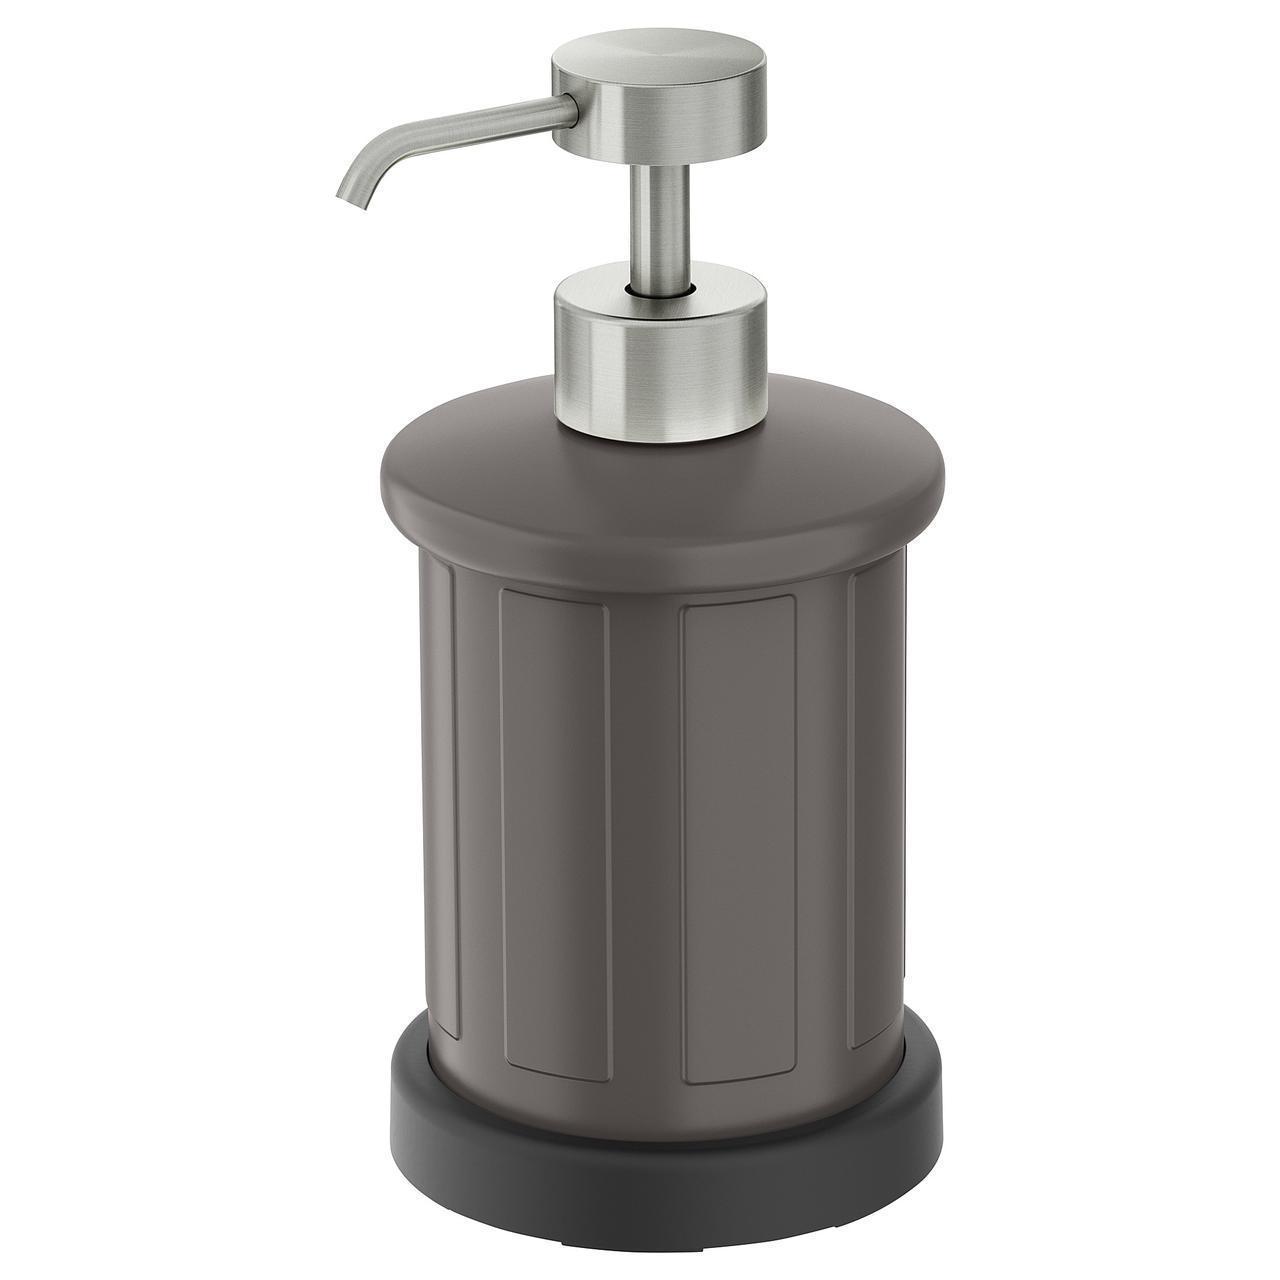 Дозатор для жидкого мыла IKEA TOFTAN серый 303.495.03